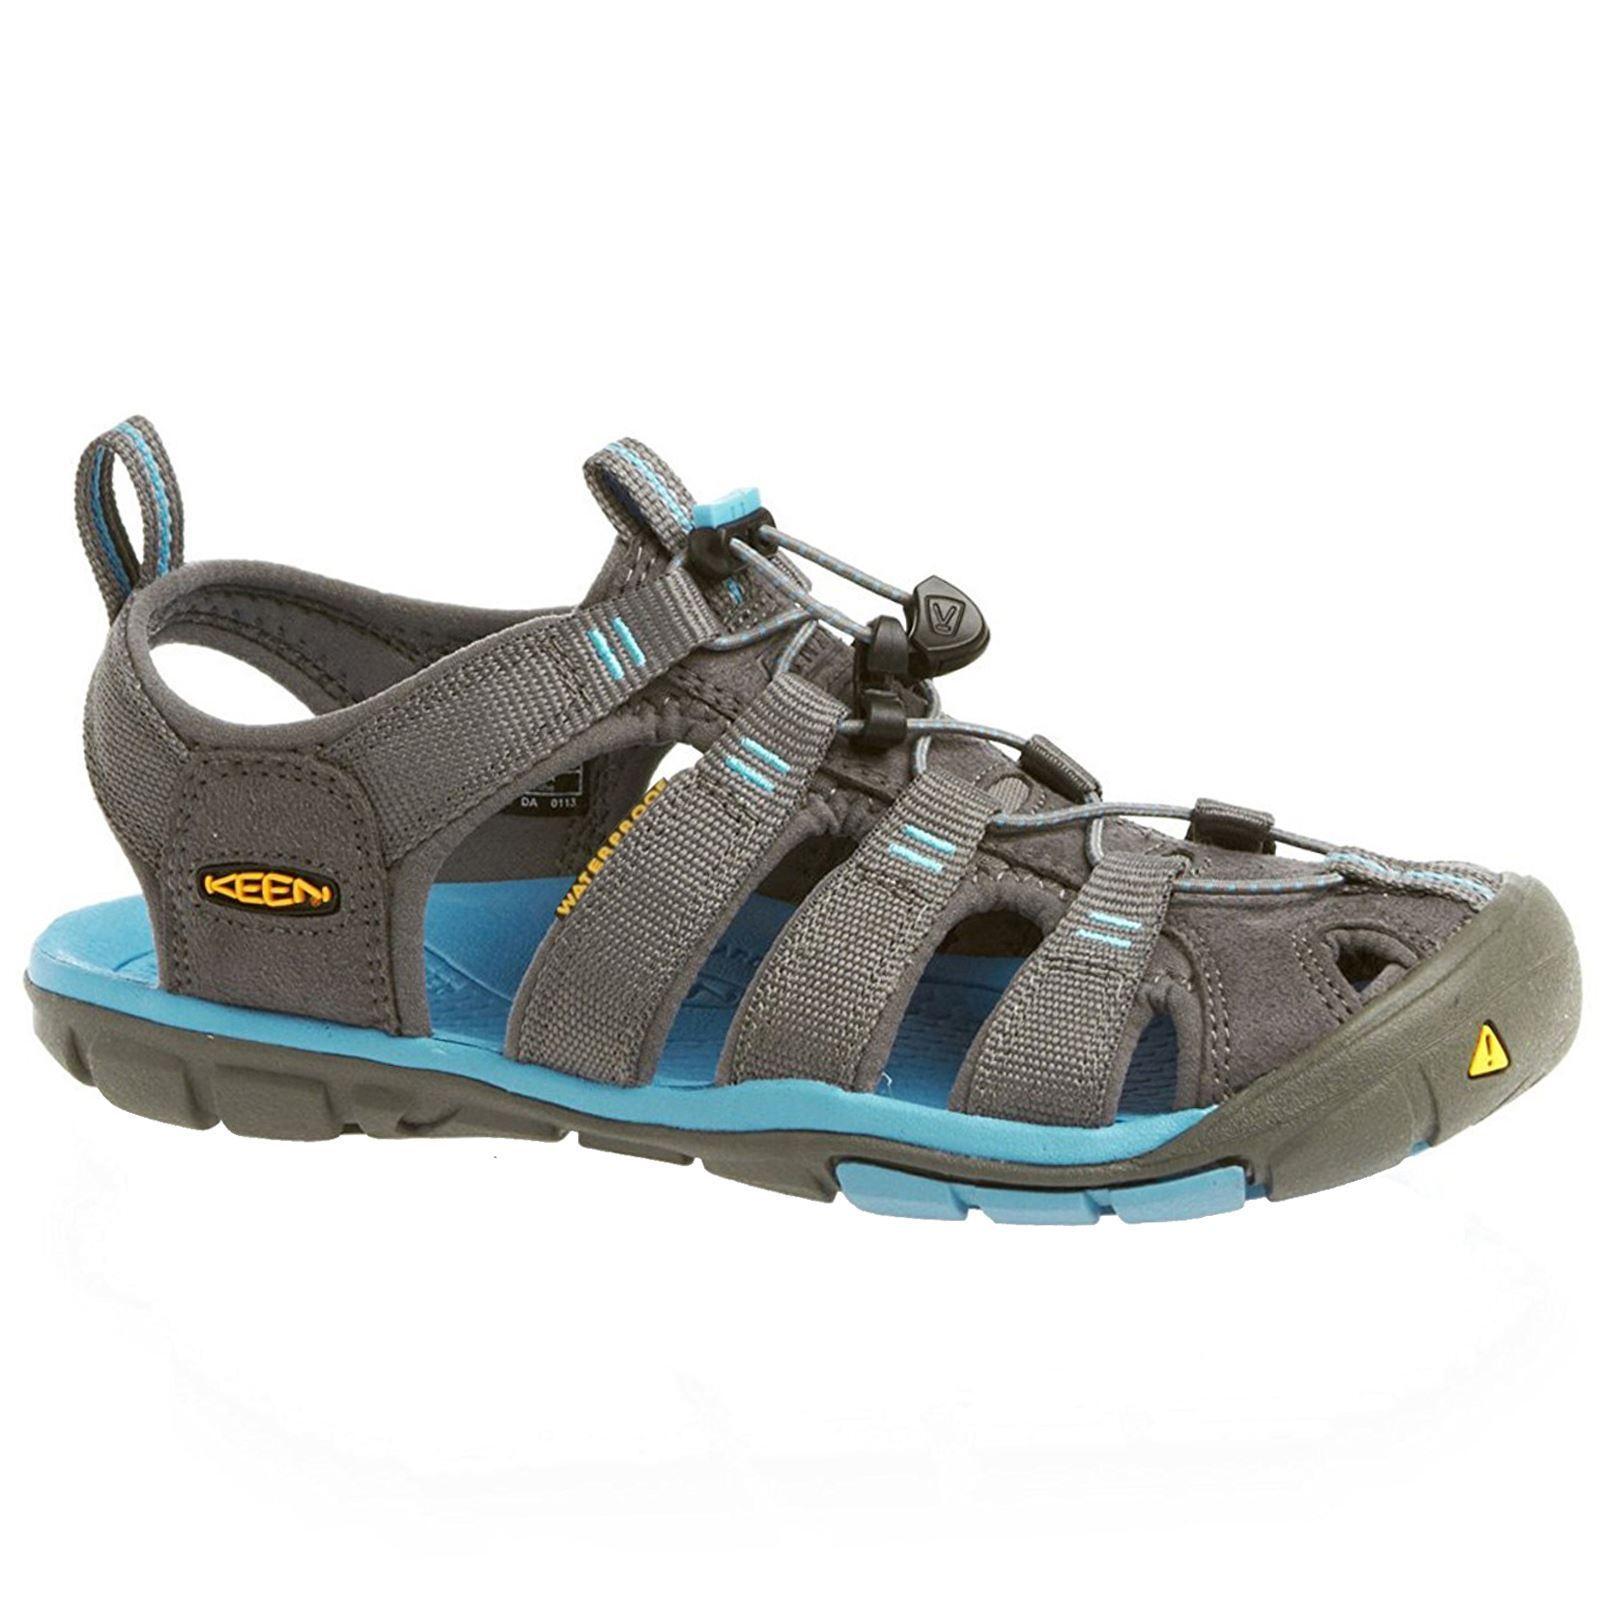 Keen Clearwater Cnx Gárgola Norse Azul para Mujer Sandalias zapatos para caminar al aire libre